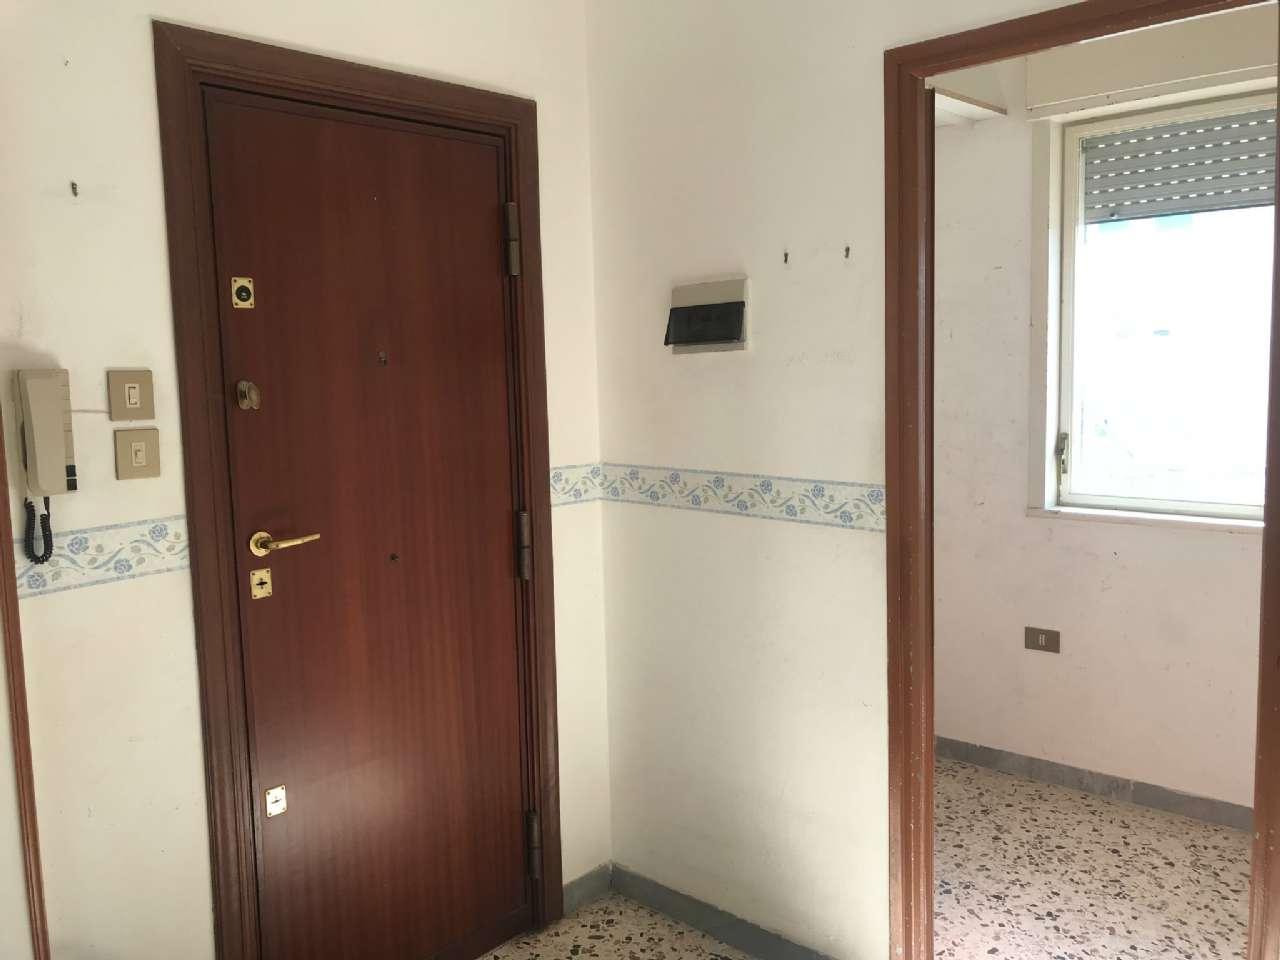 Trilocale, Via Filippo Orioles, Zona Tribunale/Imera, Palermo, foto 5